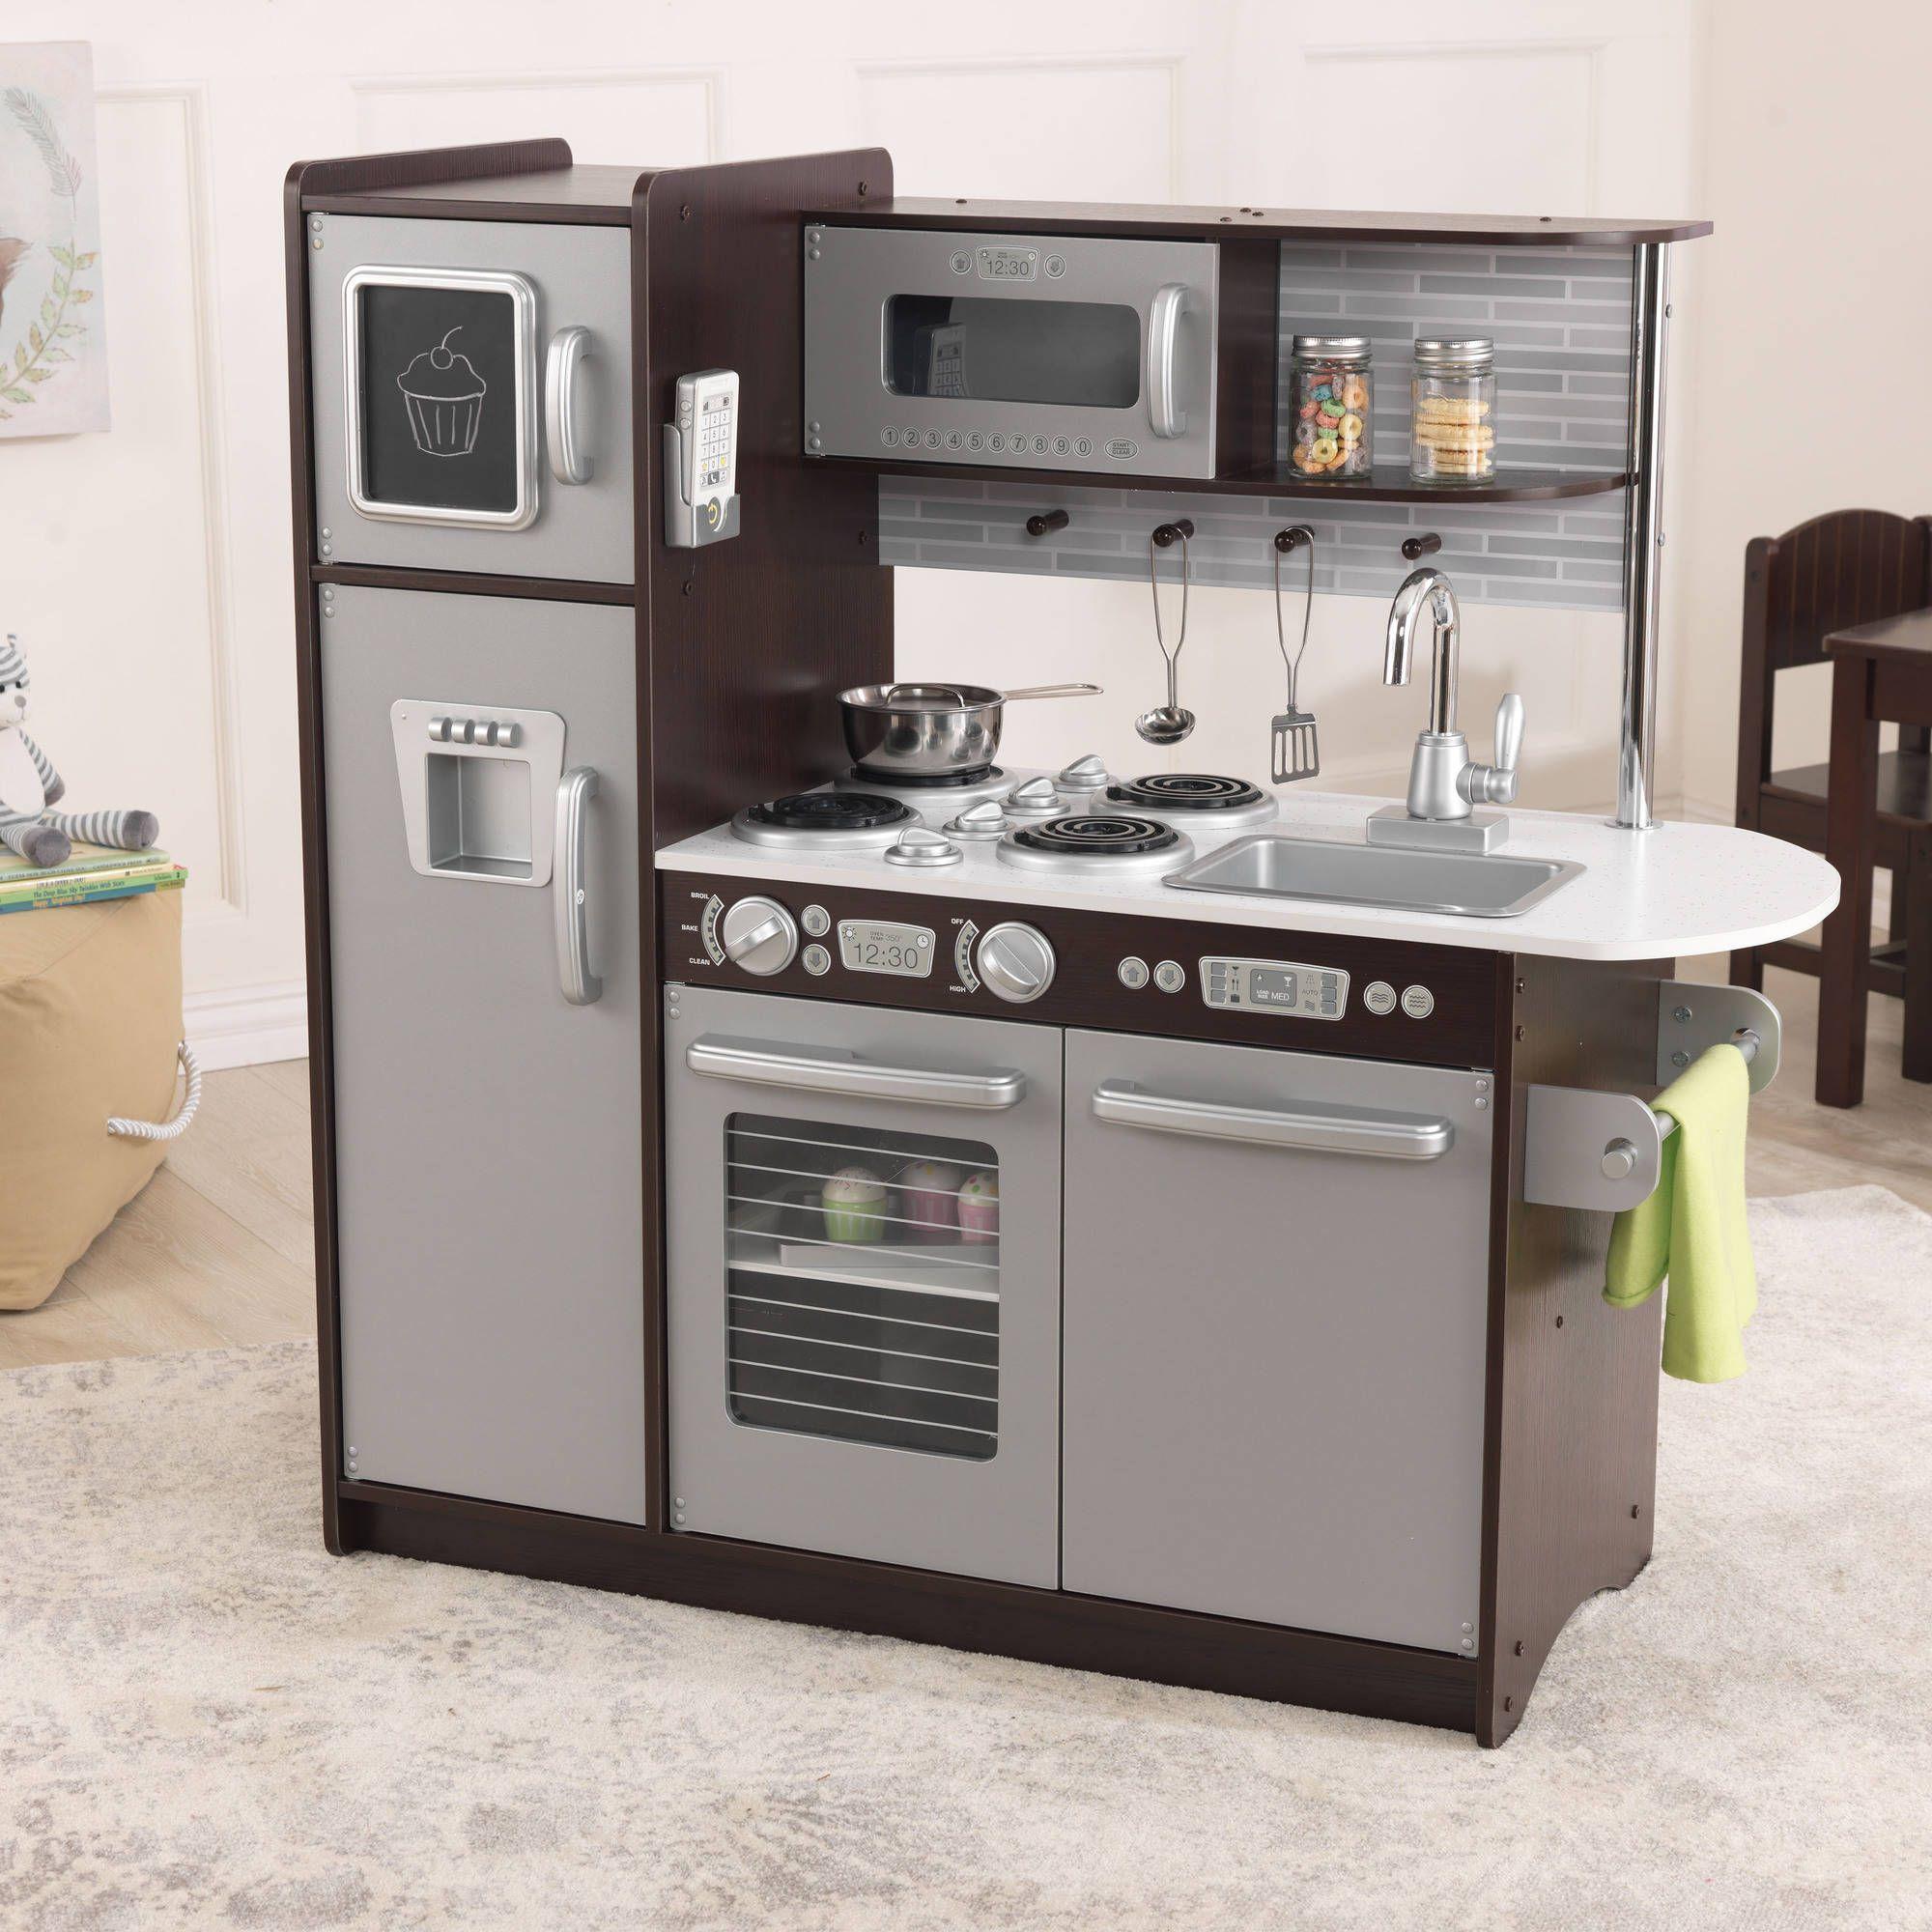 Kidkraft Uptown Espresso Wooden Play Kitchen